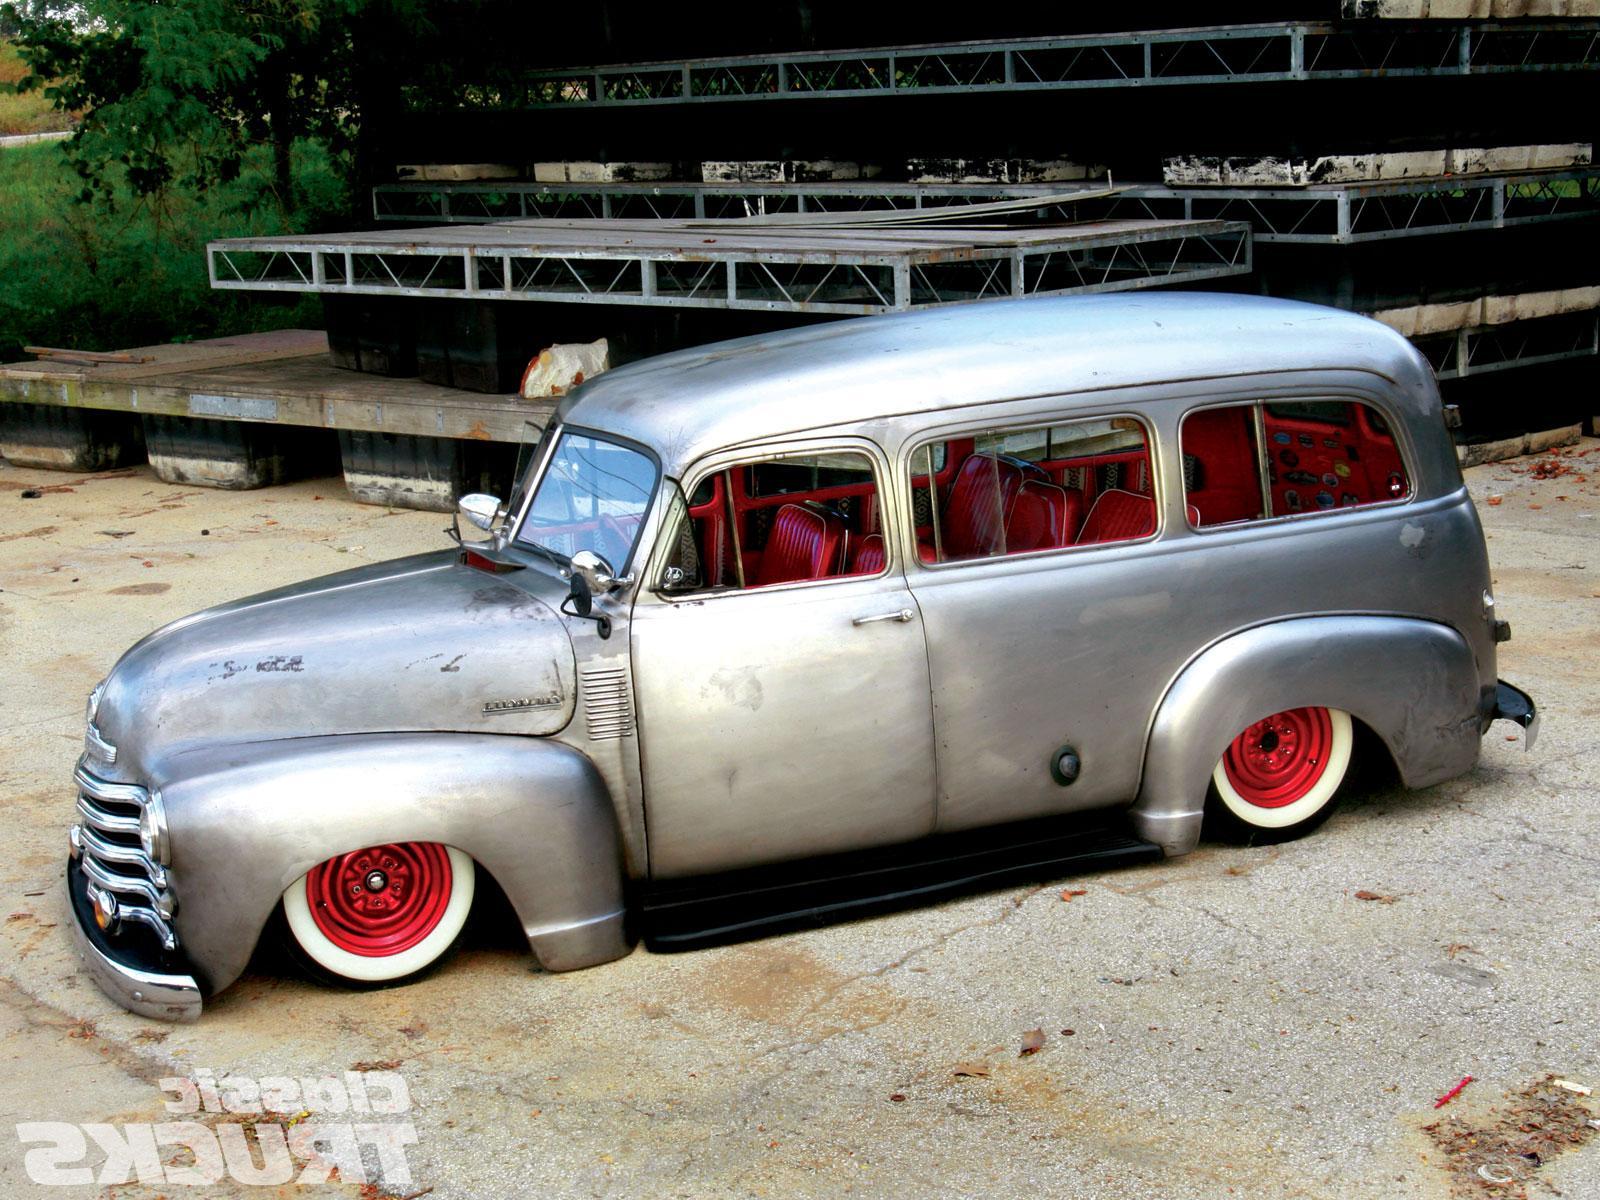 1953 Chevy Suburban Lowered